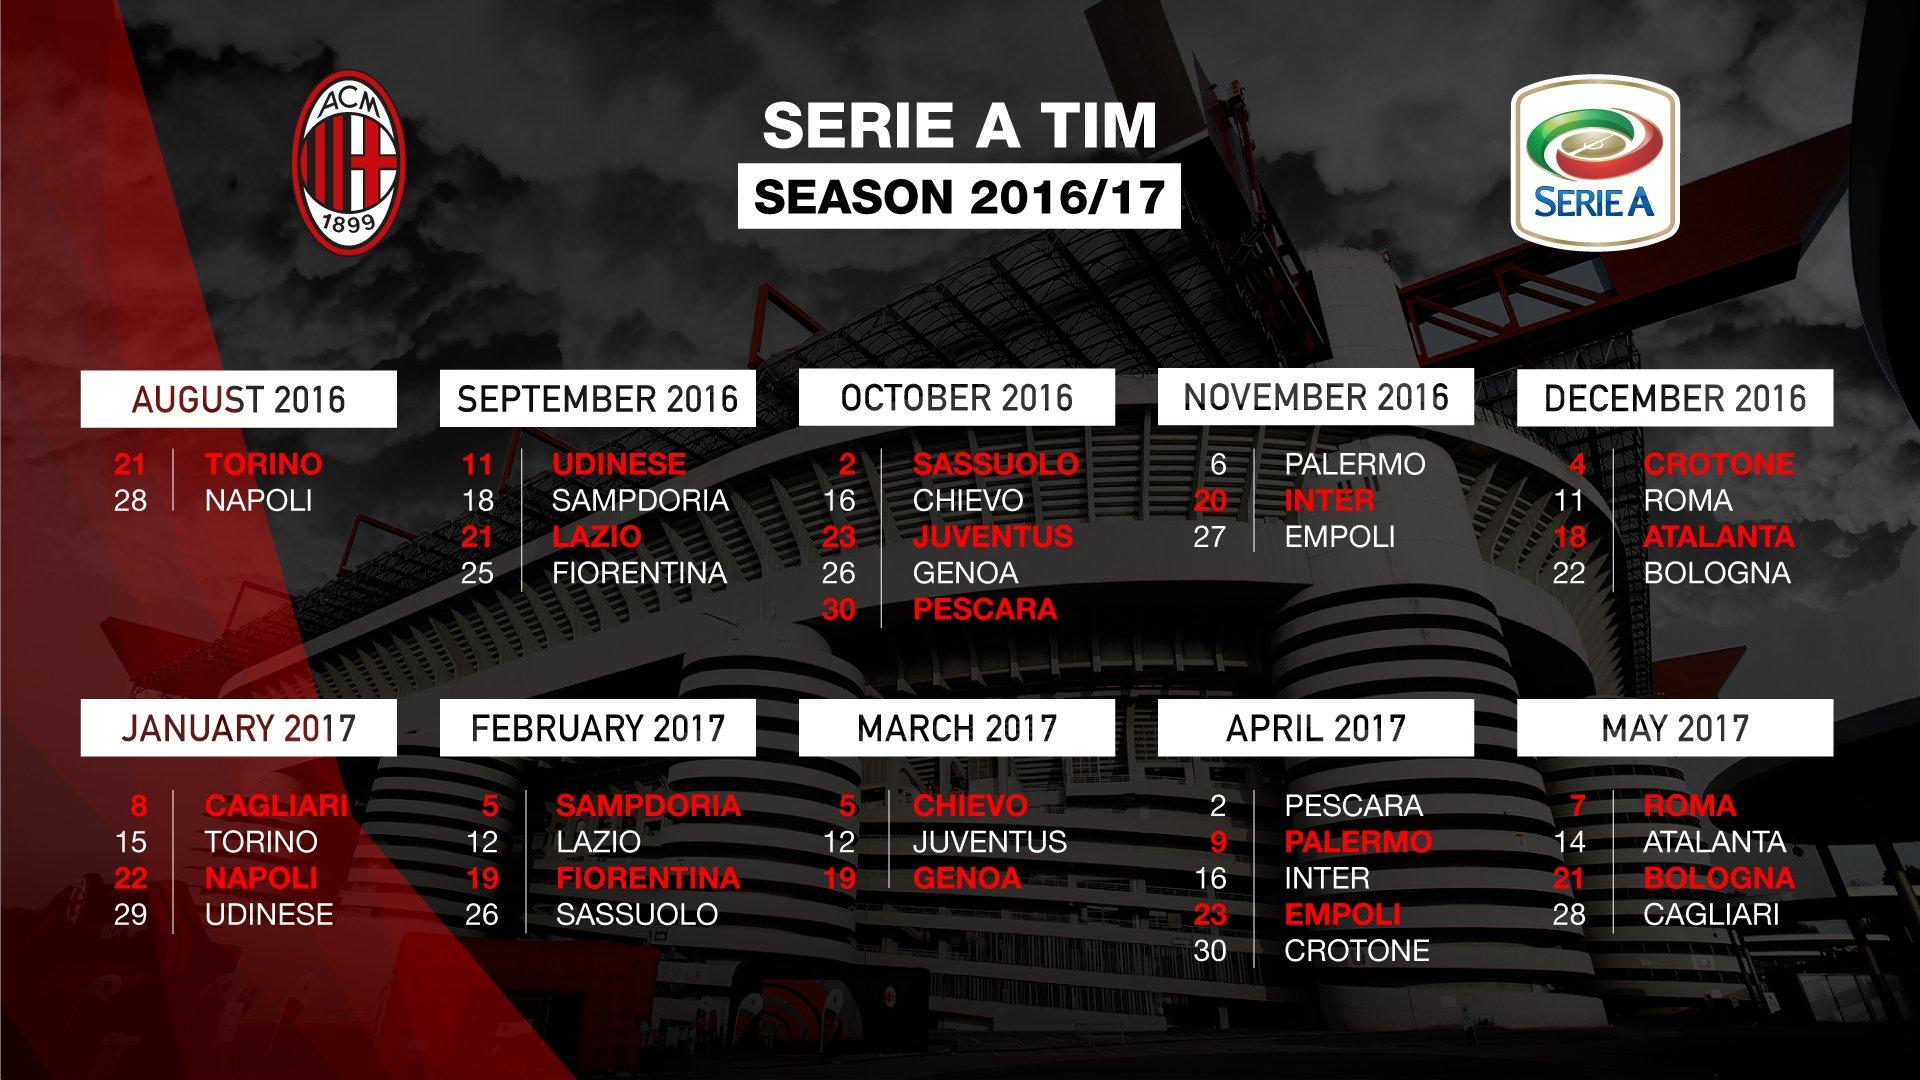 Programul Milanului in sezonul 2016-2017 in Serie A